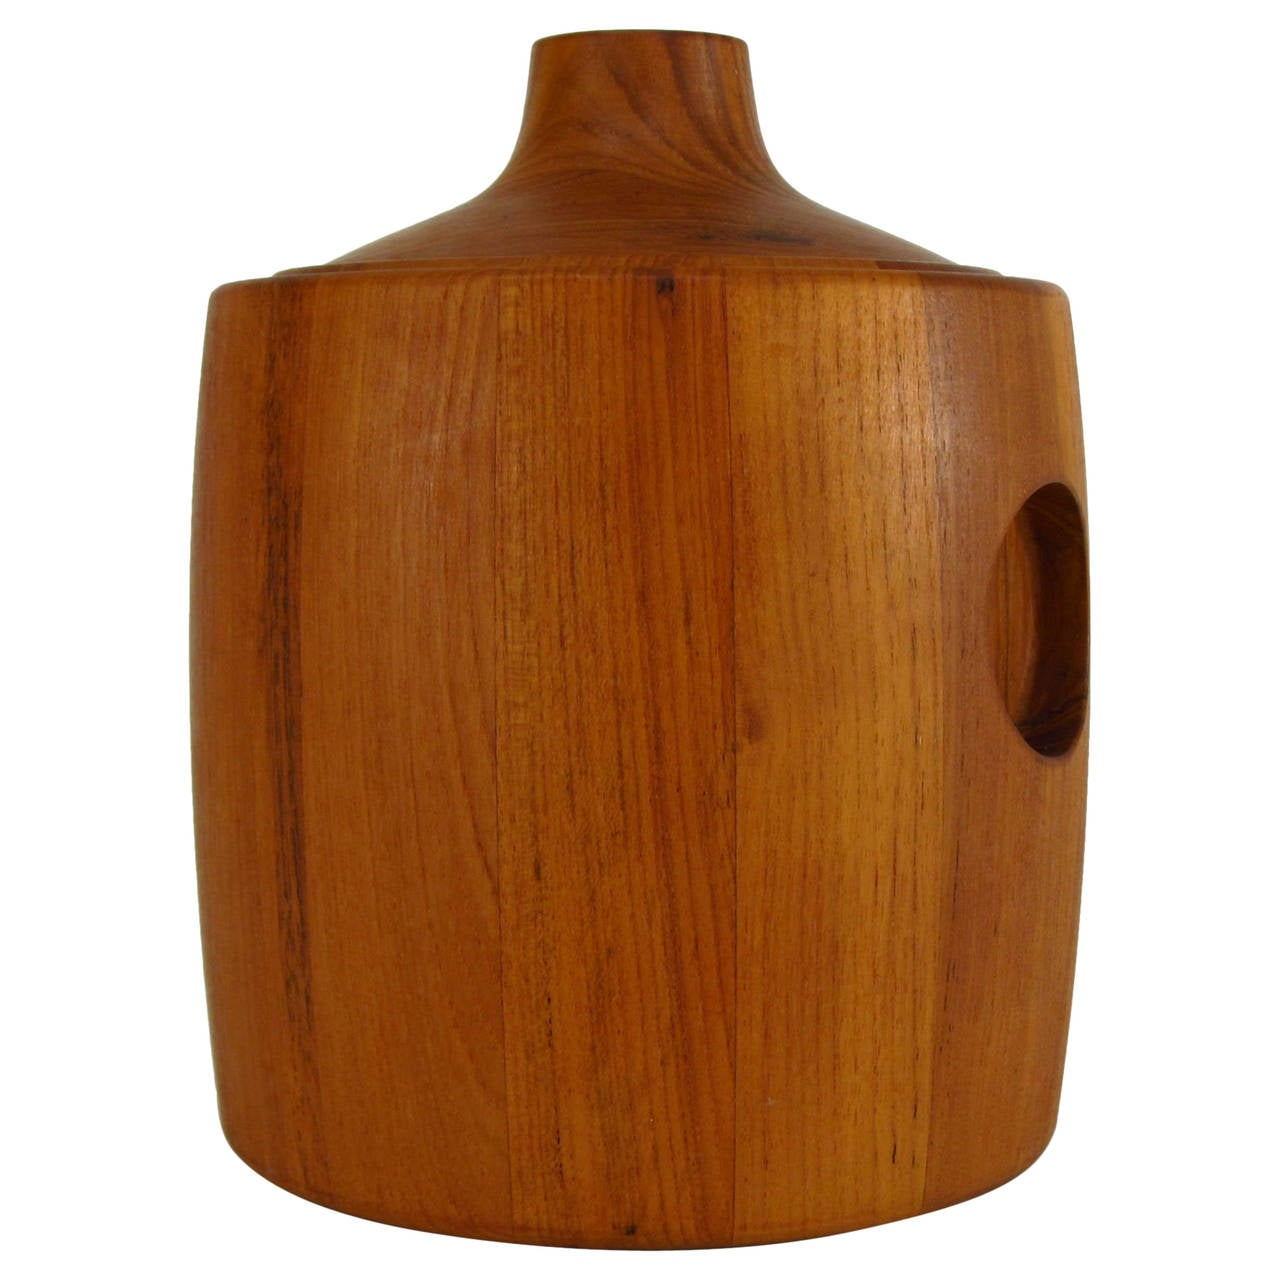 Henning Koppel Designed Teak Ice Bucket for Georg Jensen 1